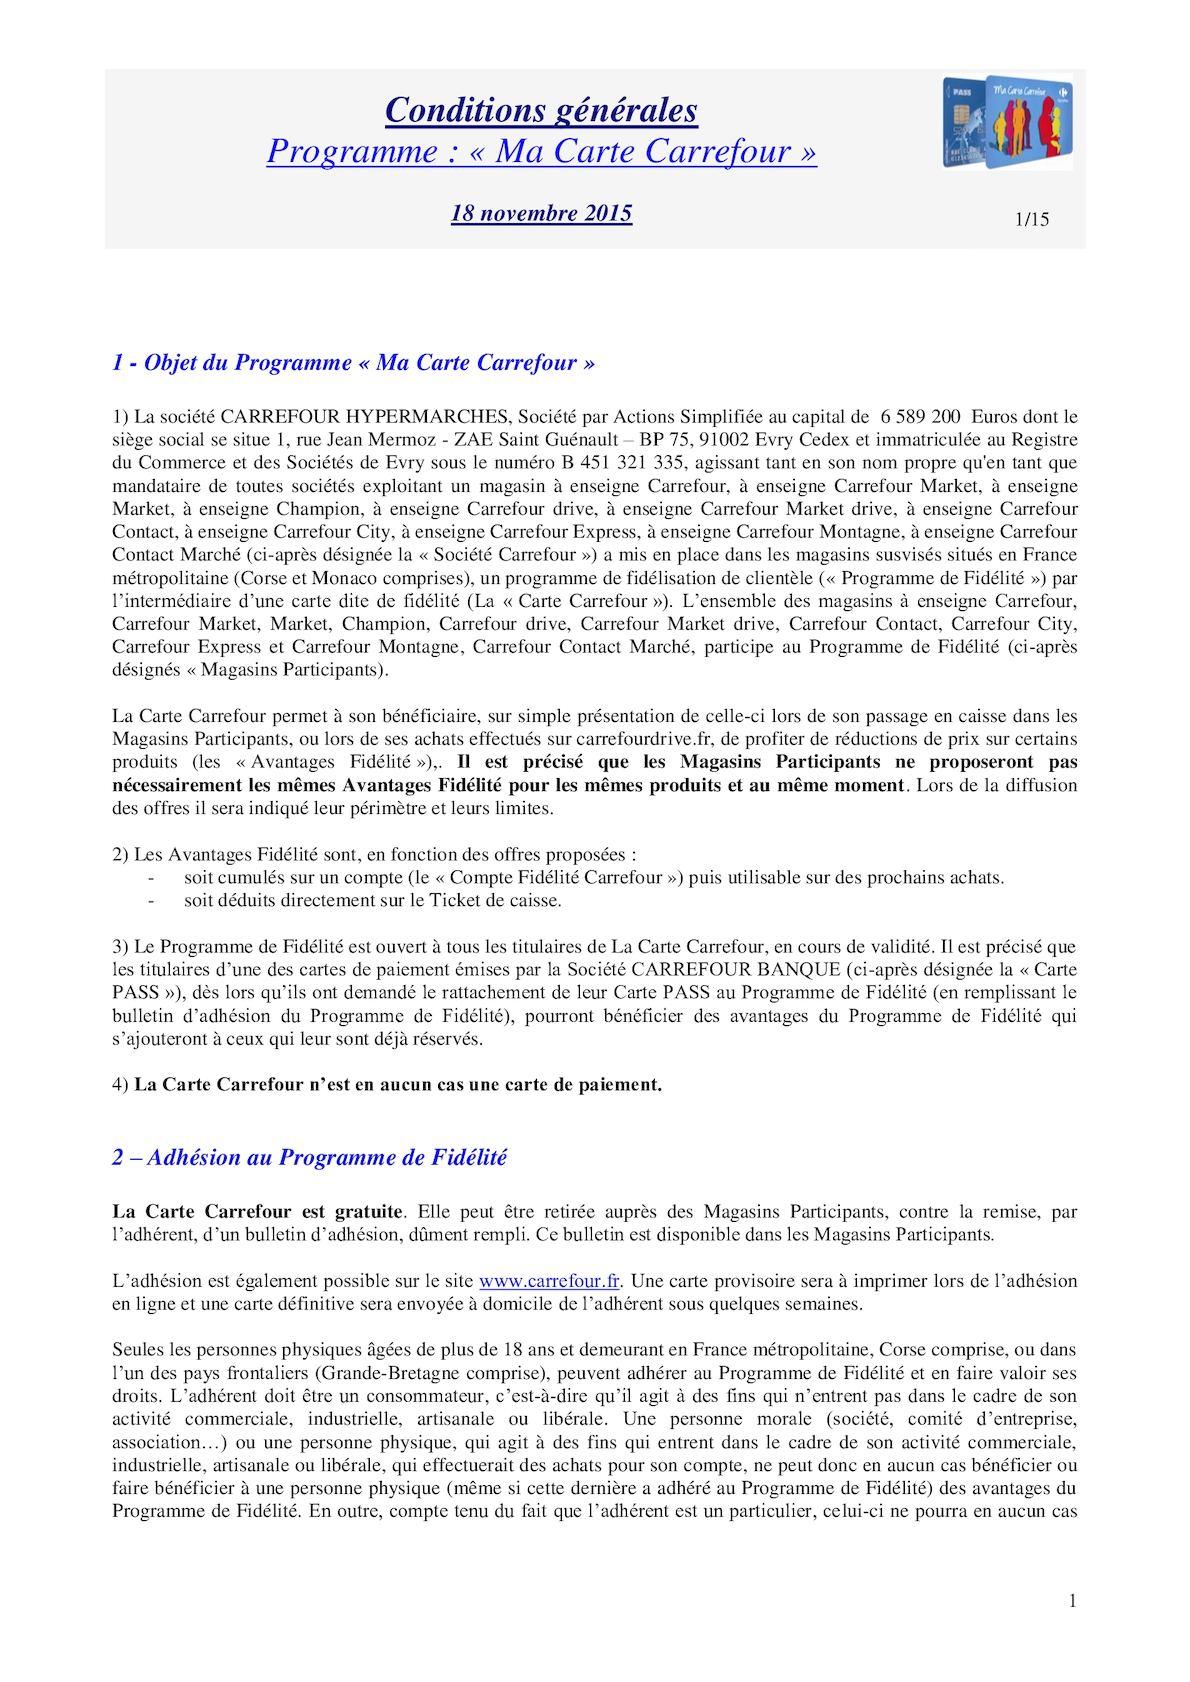 Carte Carrefour Ticket De Caisse.Calameo Reglement Carte Carrefour 18 11 2015